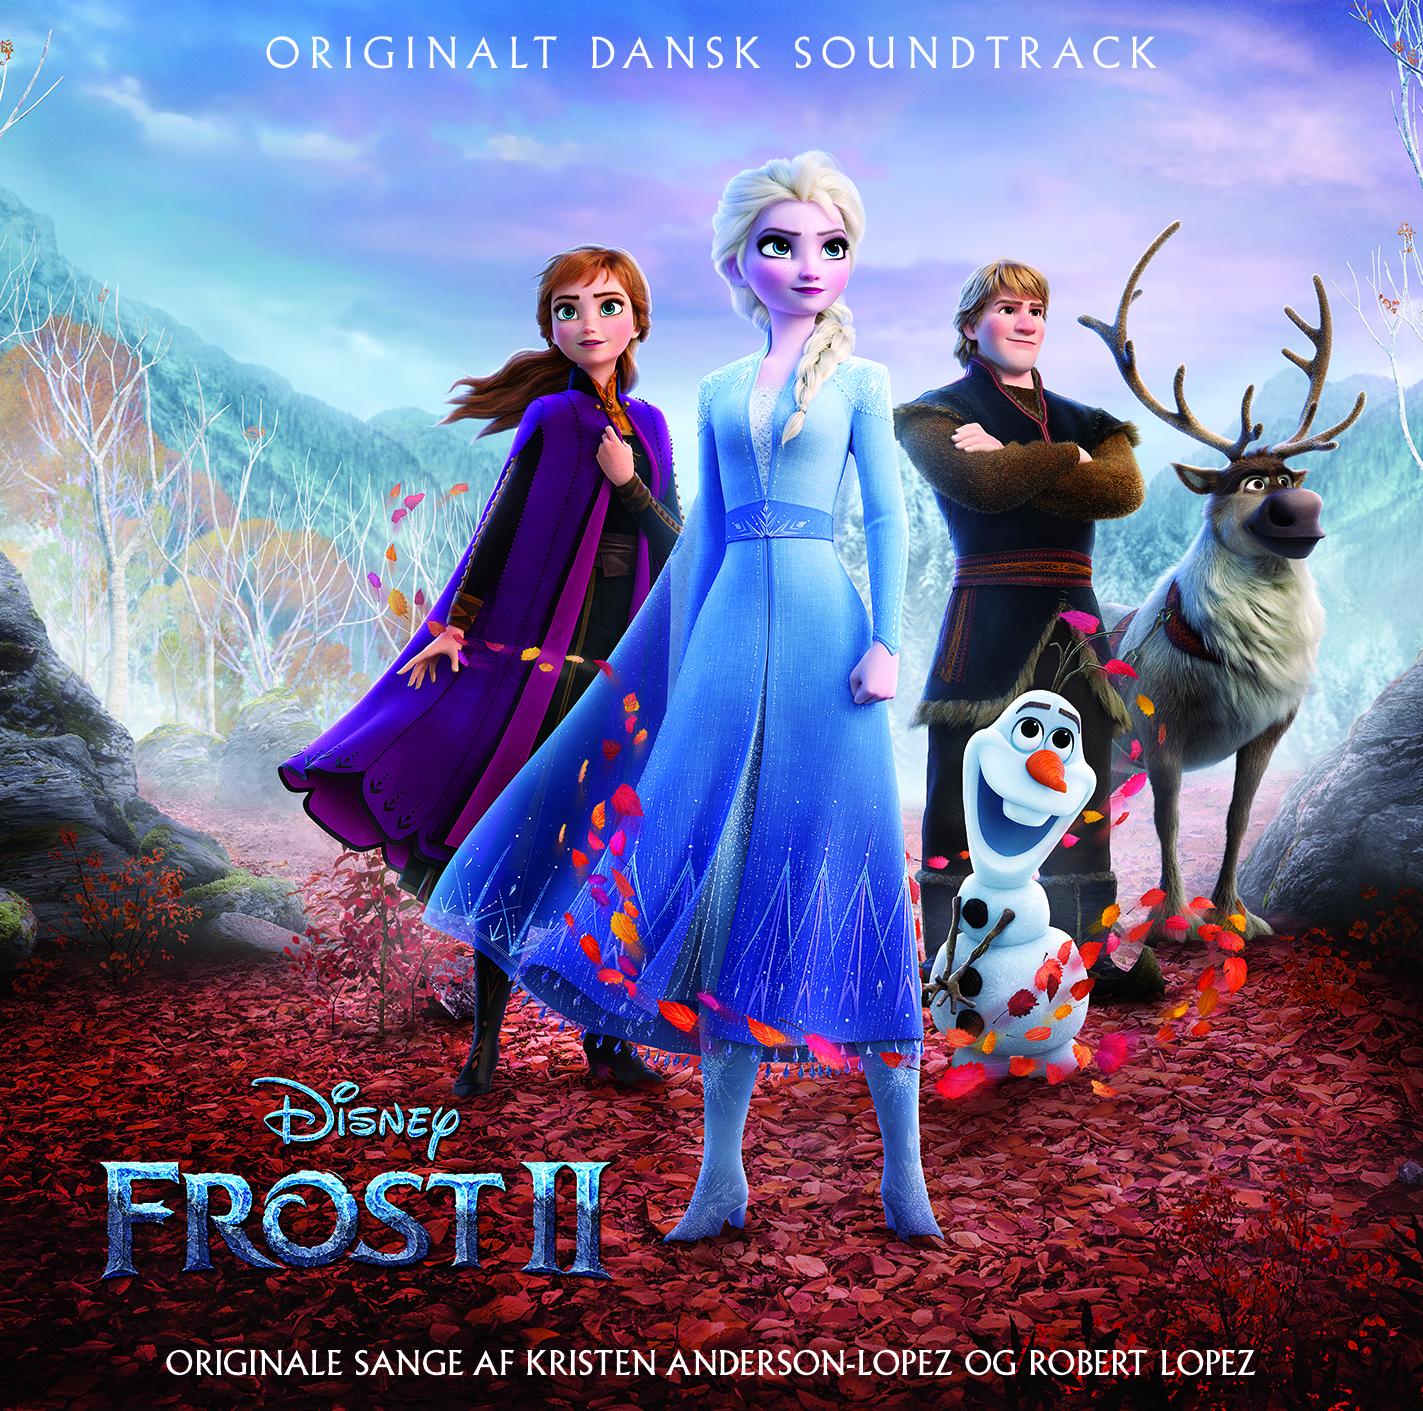 Frost 2 (Soundtrack) - V/A - Musik -  - 0050087432904 - December 13, 2019